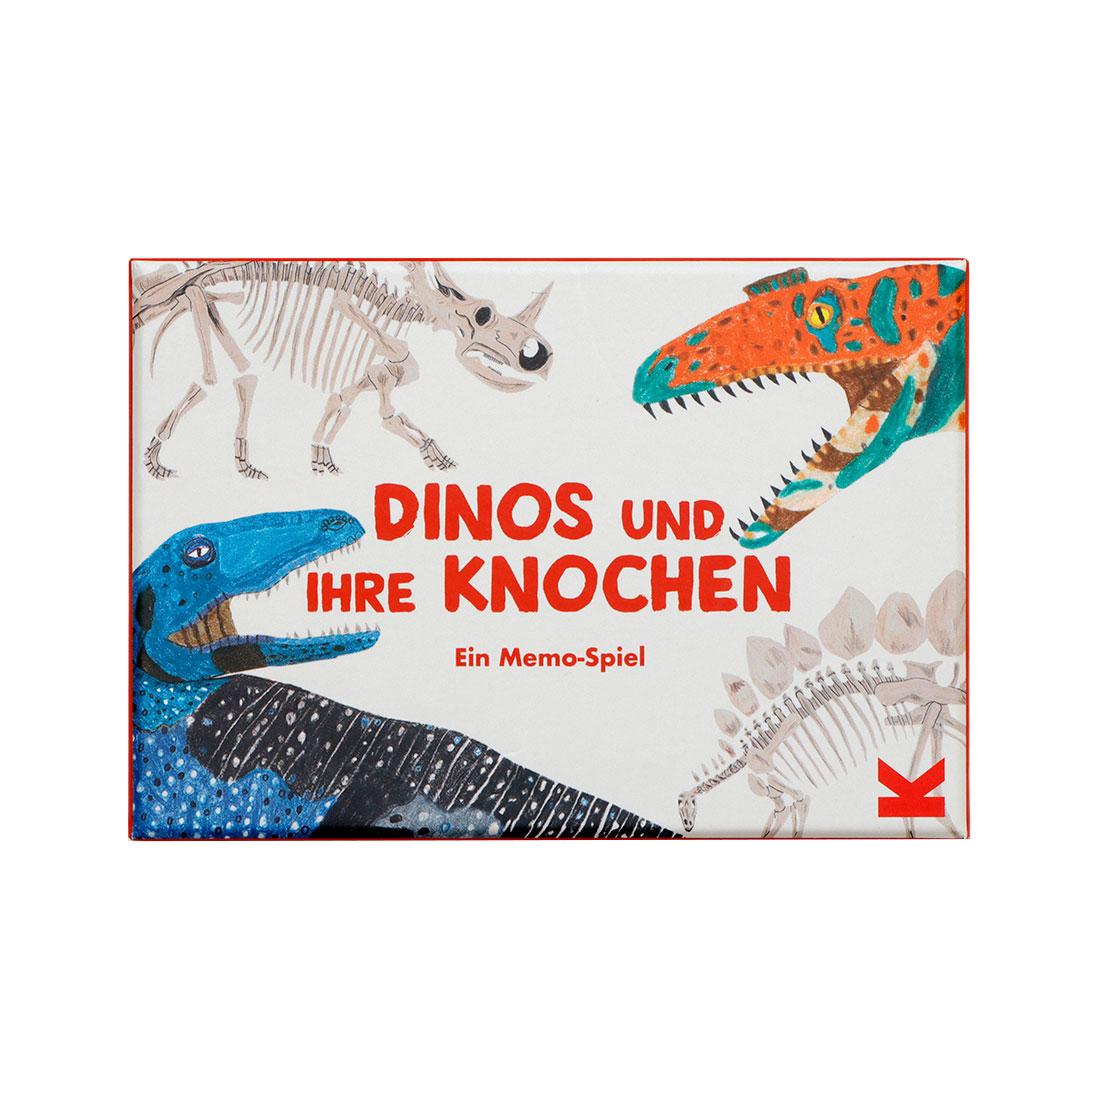 Dinos und ihre Knochen Memo Spiel